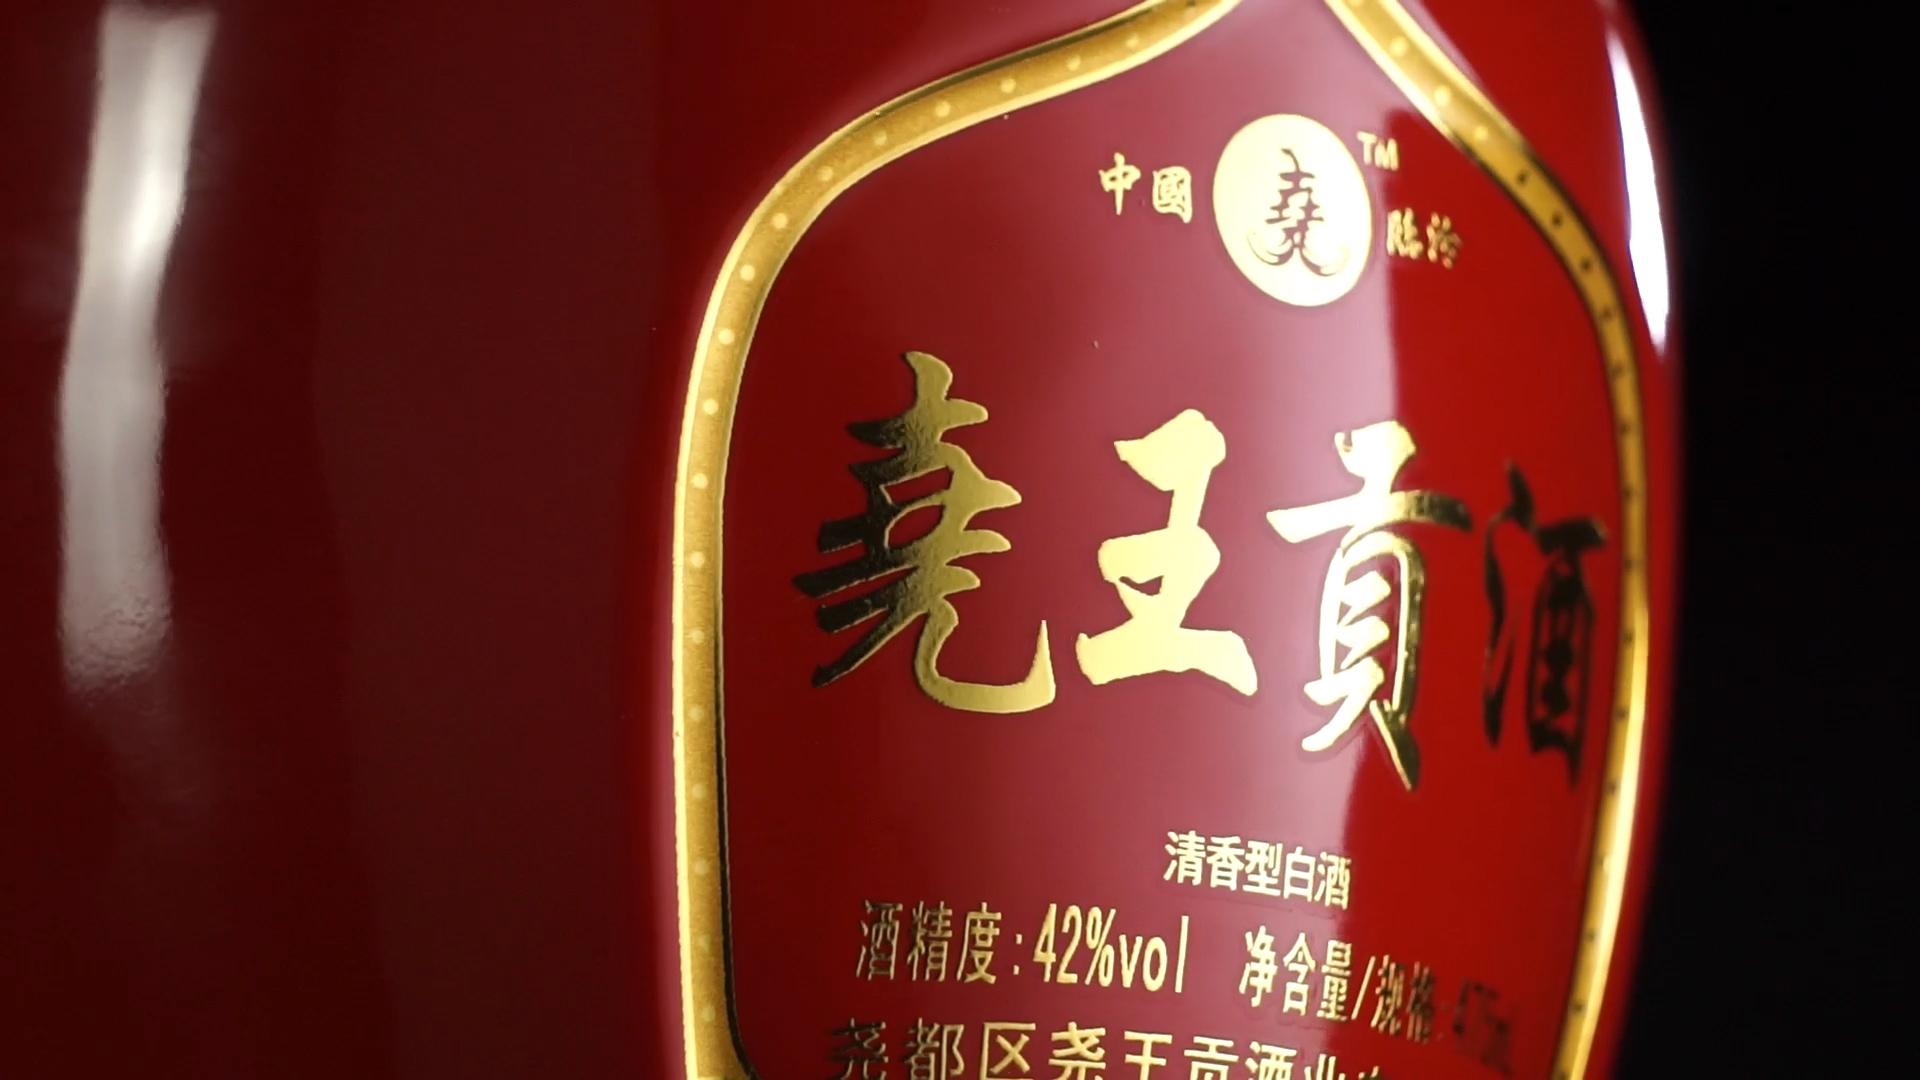 尧王贡酒(白酒)实拍版